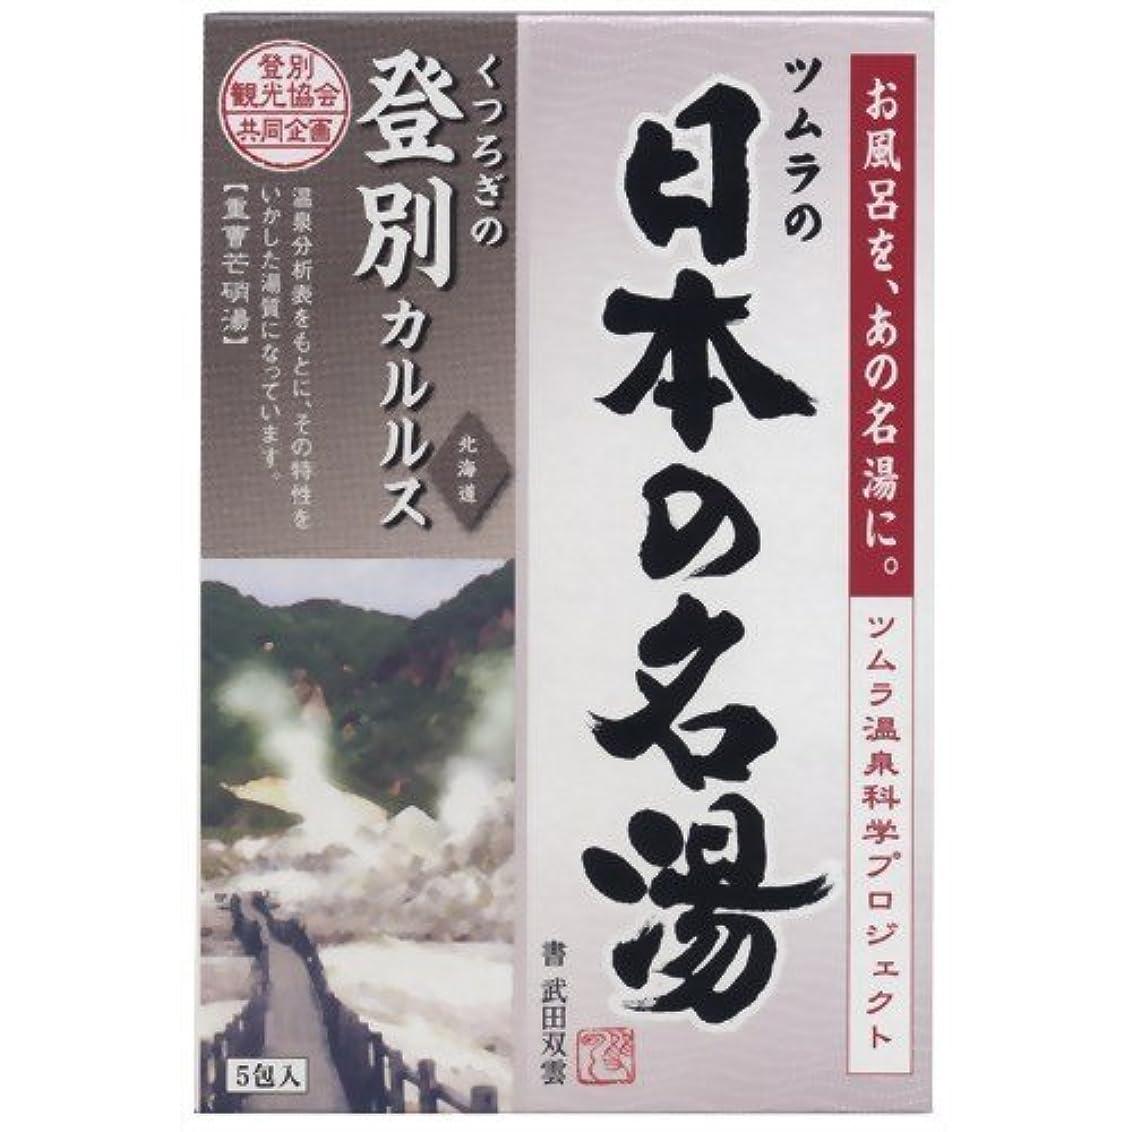 換気する表向きリテラシー日本の名湯 登別カルルス30g 5包入り にごりタイプ 入浴剤 (医薬部外品) × 5個セット